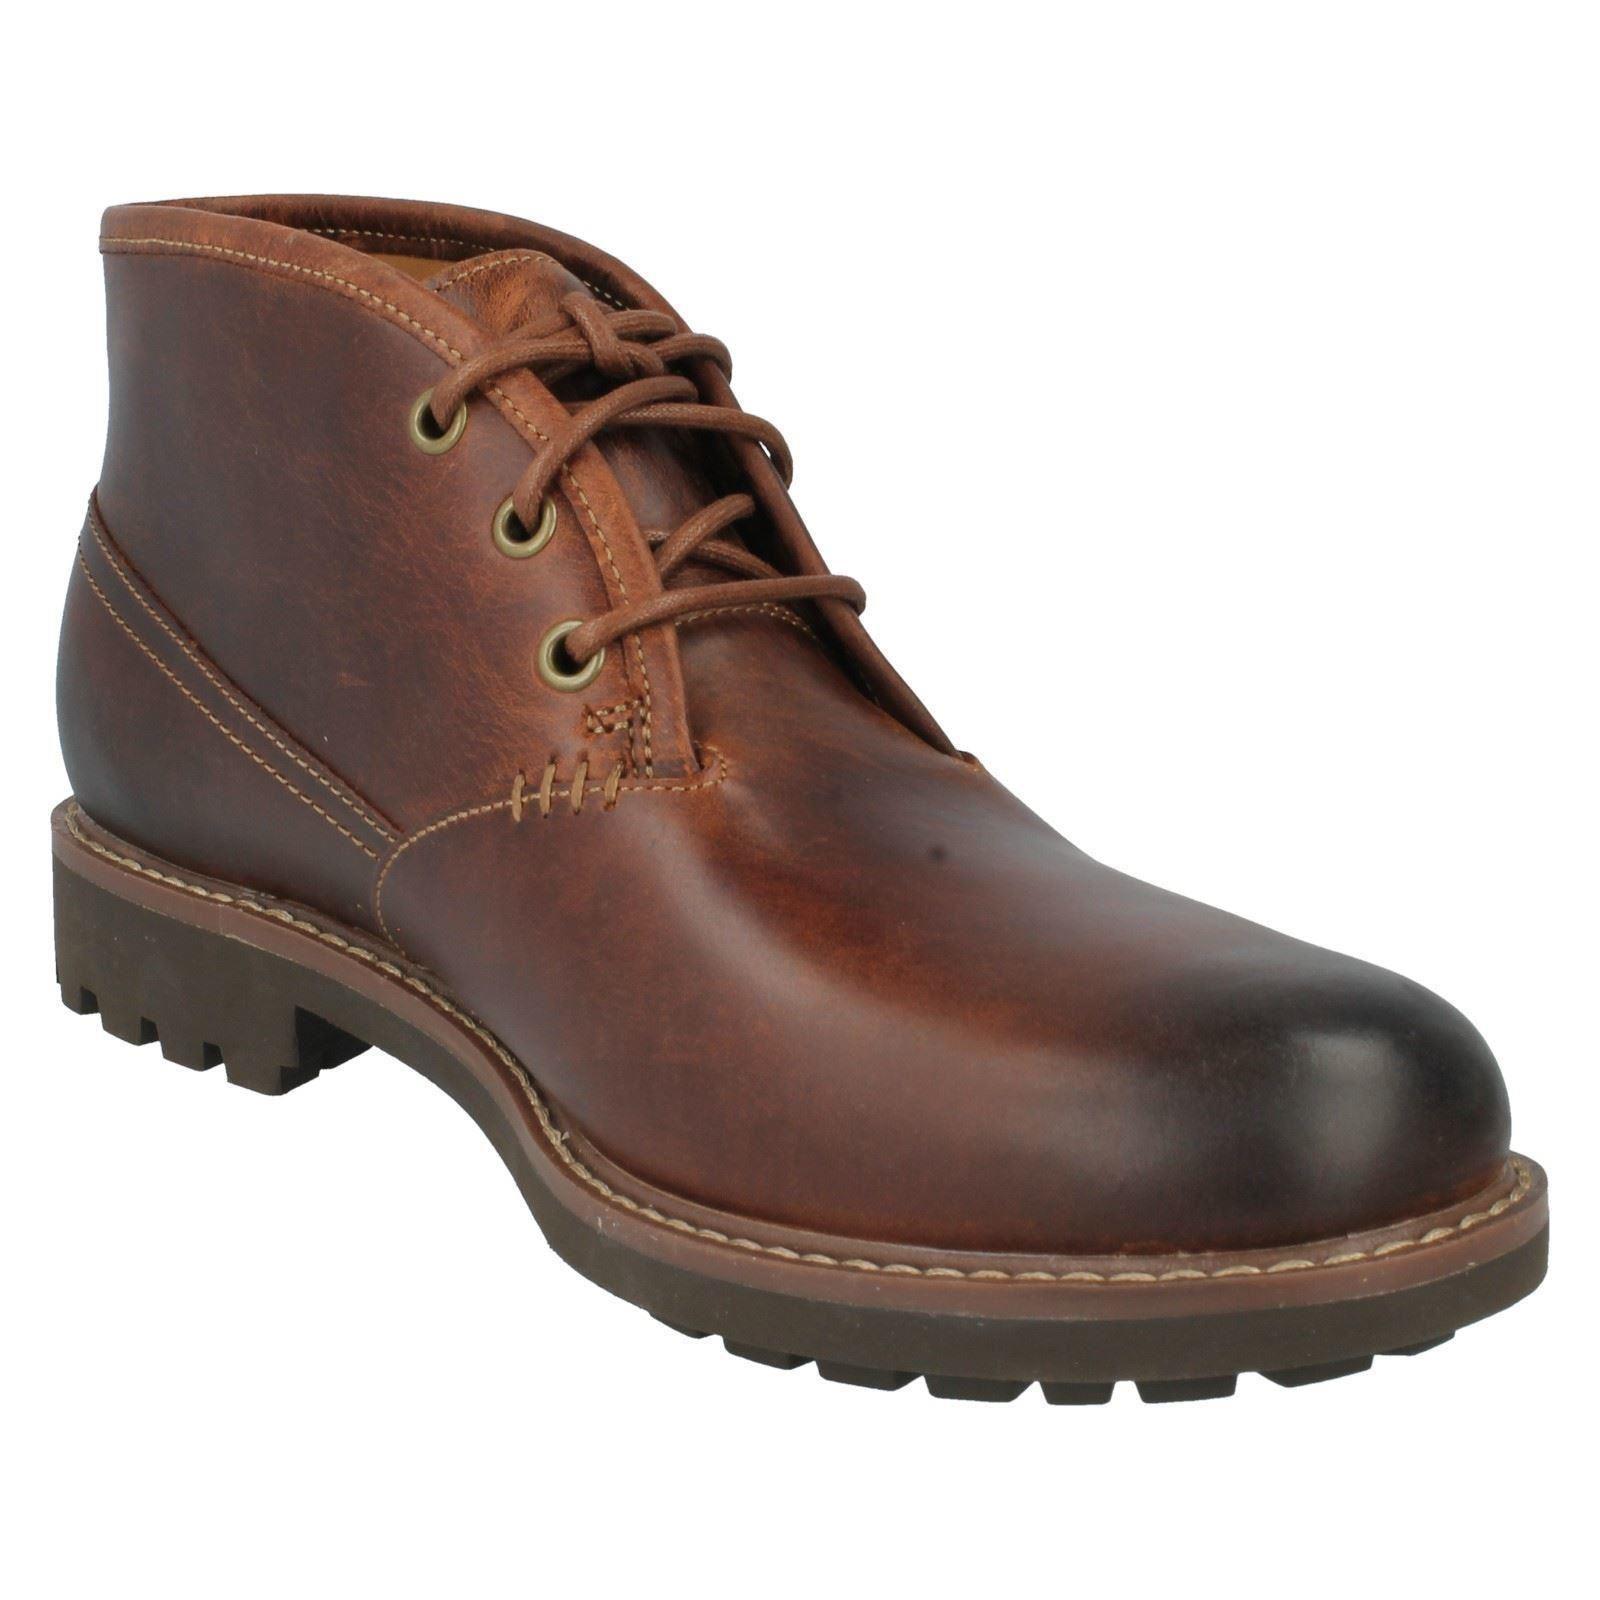 Men Clarks Ankle Boot /'Montacute Duke/'